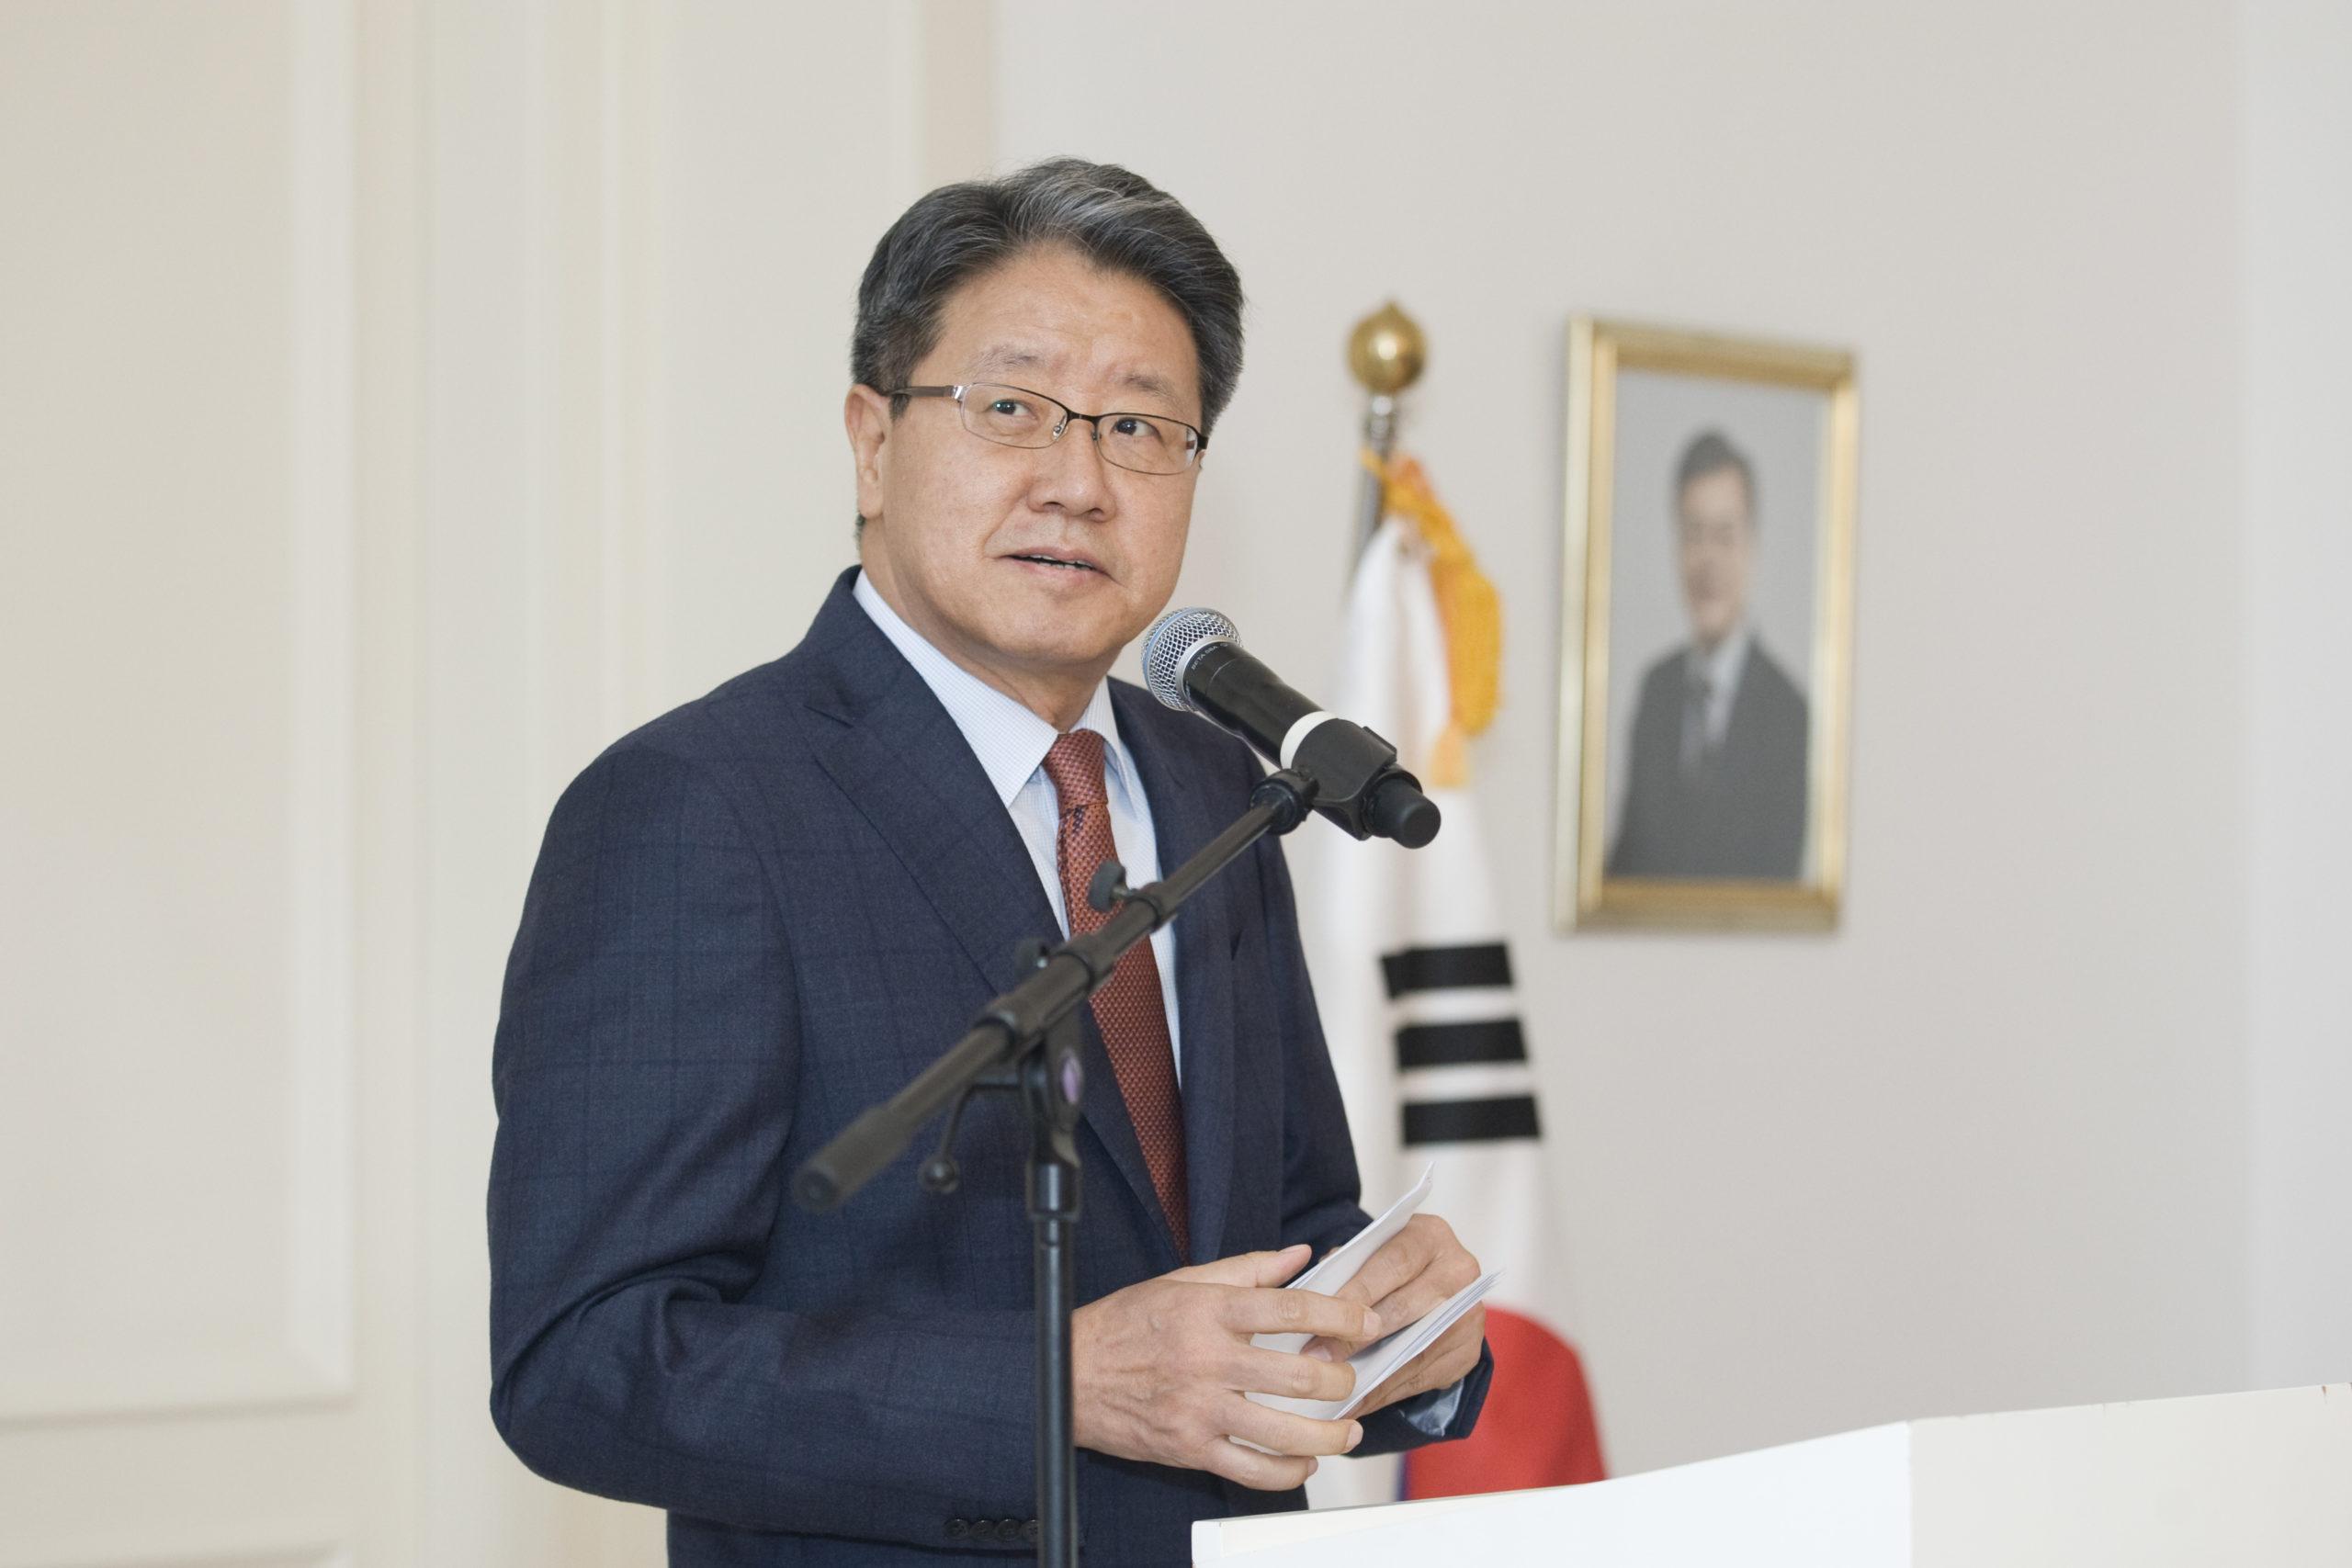 Mr. Yim Geun Hyeong is selected as CityNet new CEO